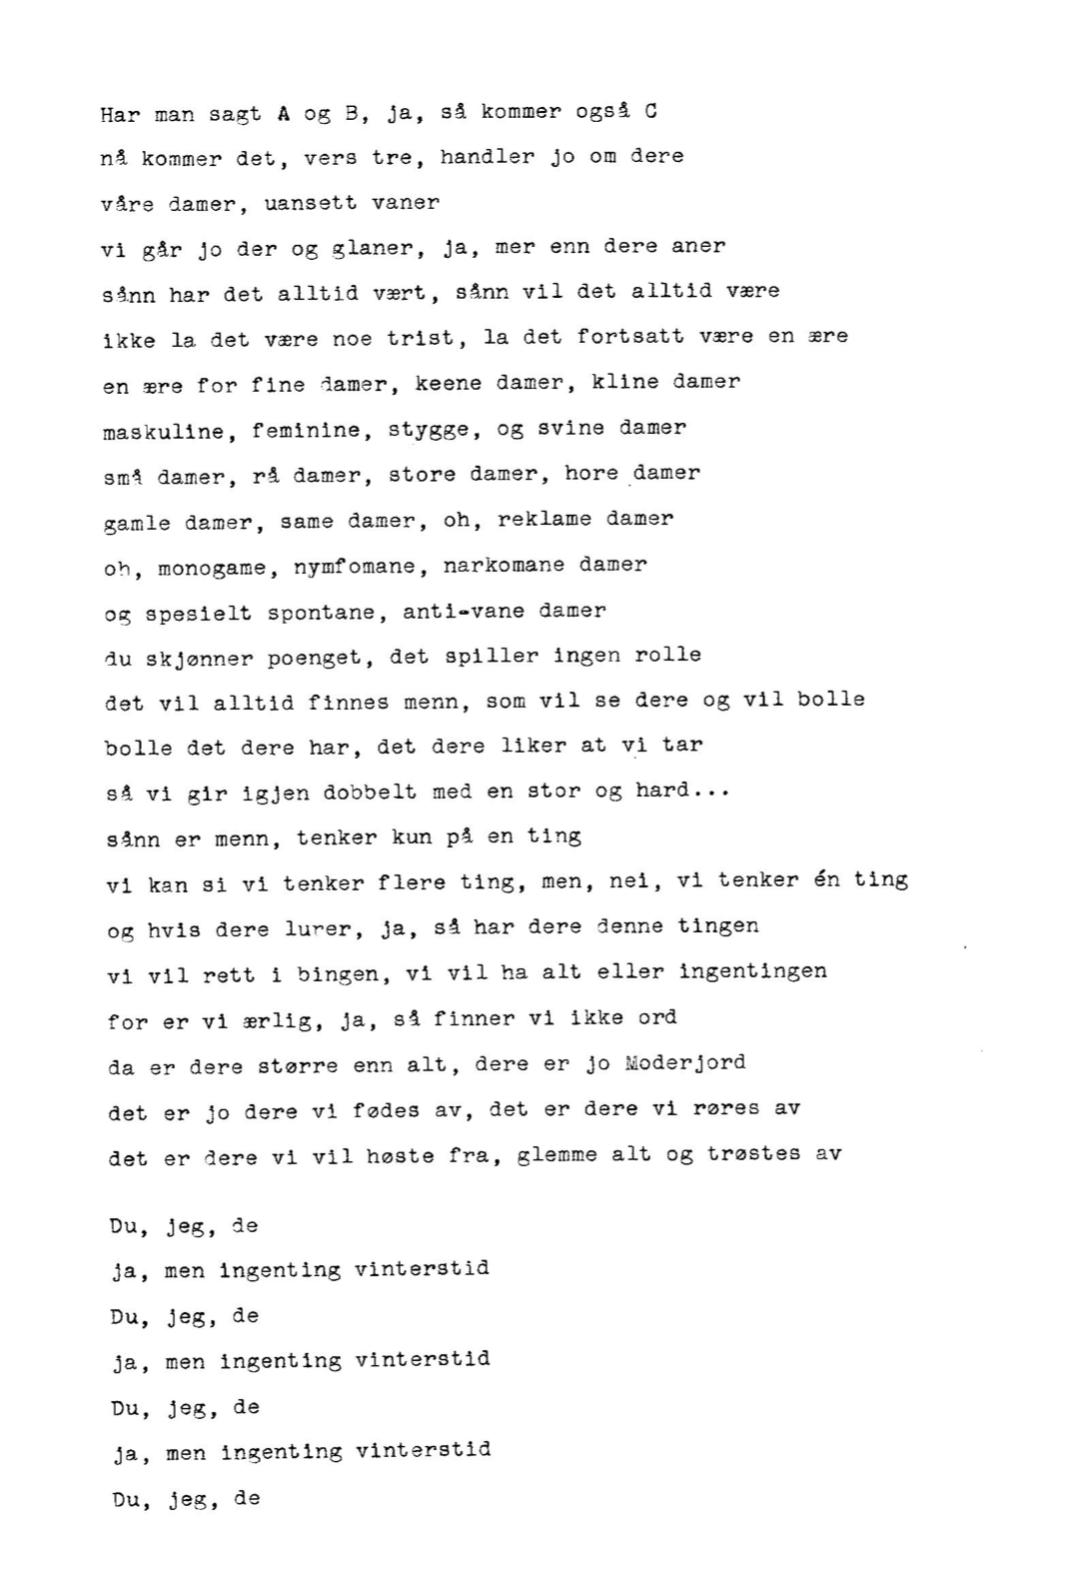 04 Vinterstid side 3